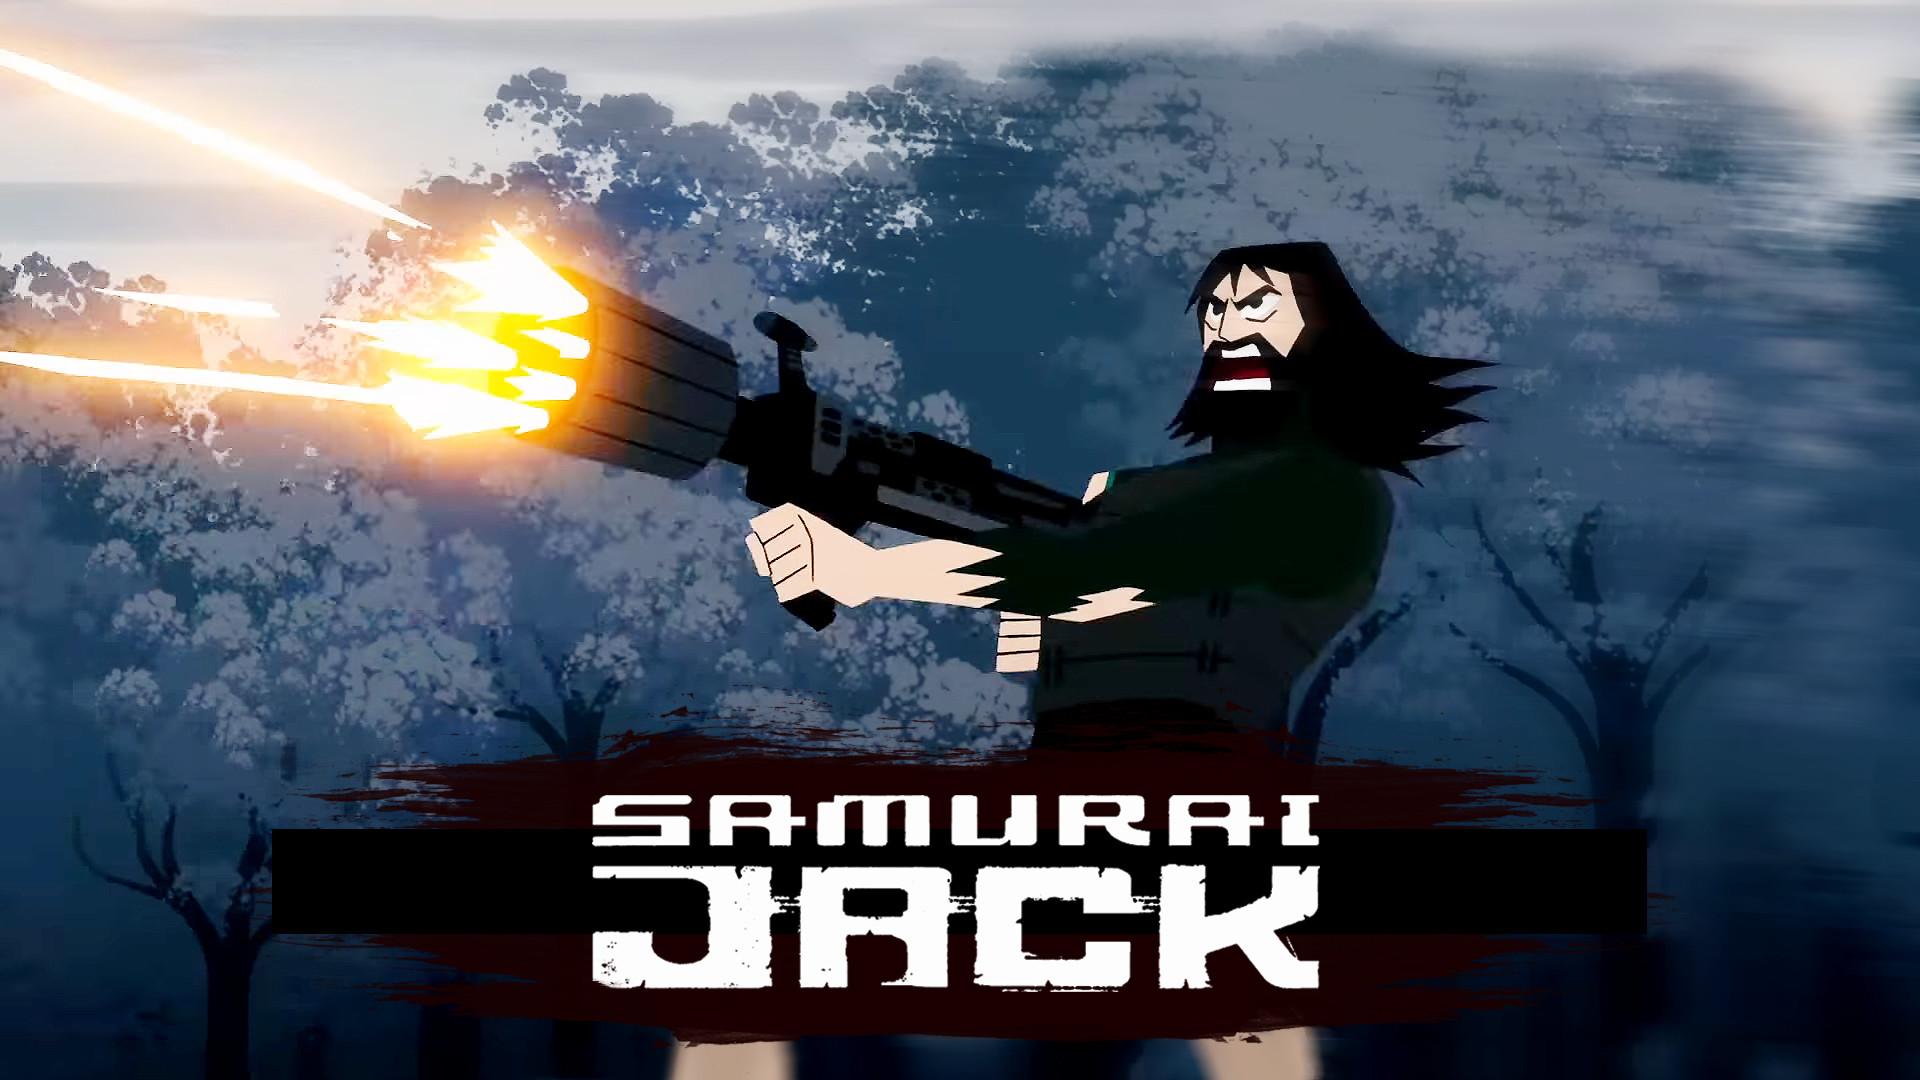 #2 Samurai Jack Wallpapers.